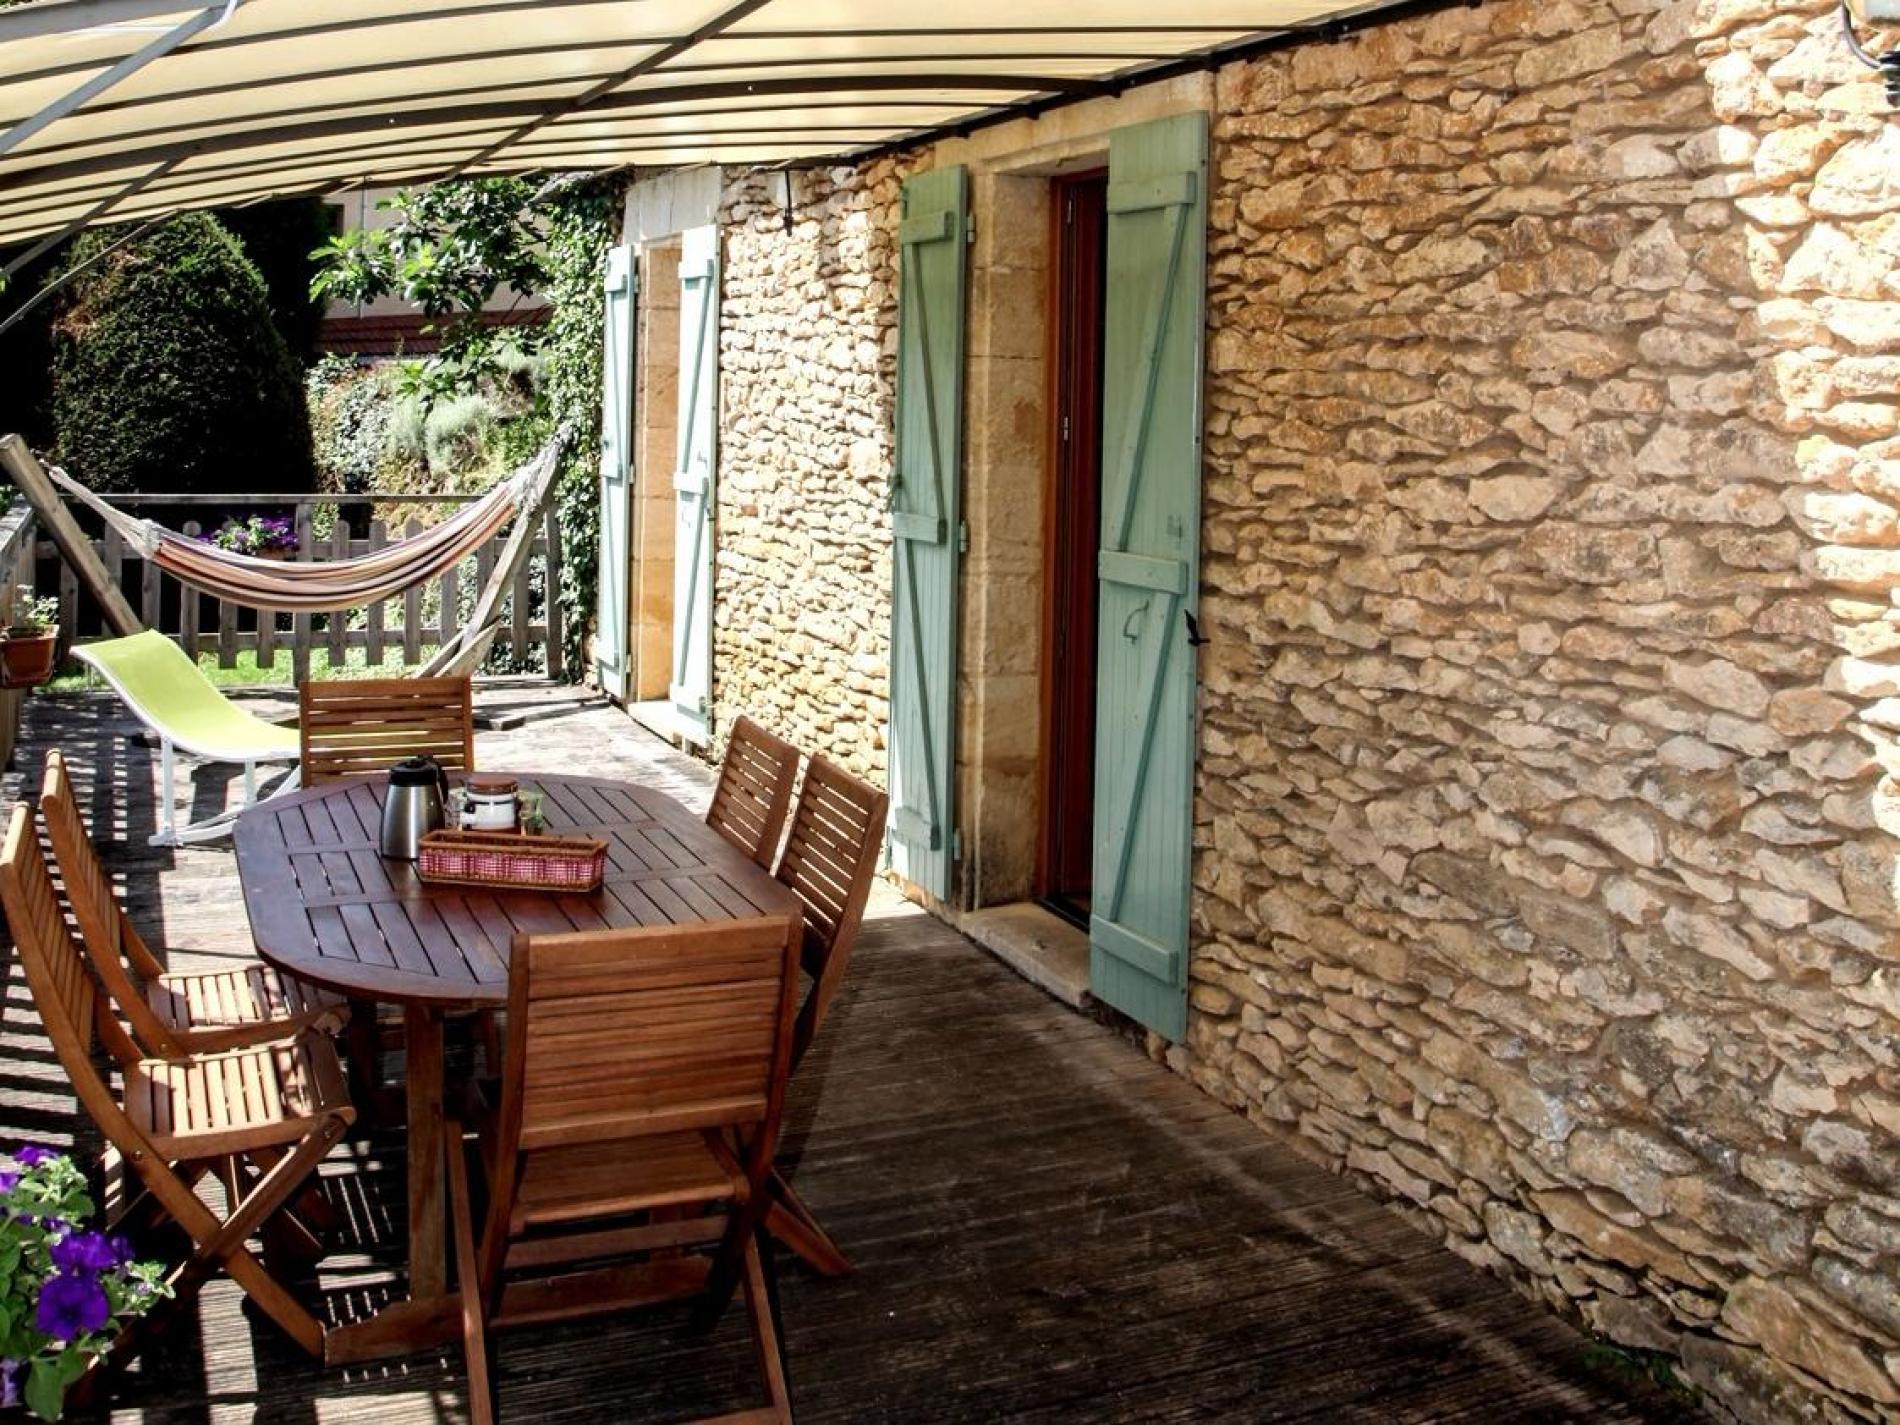 2 chambres « en gîte » dans une maison traditionnelle dont le toit est en lauze